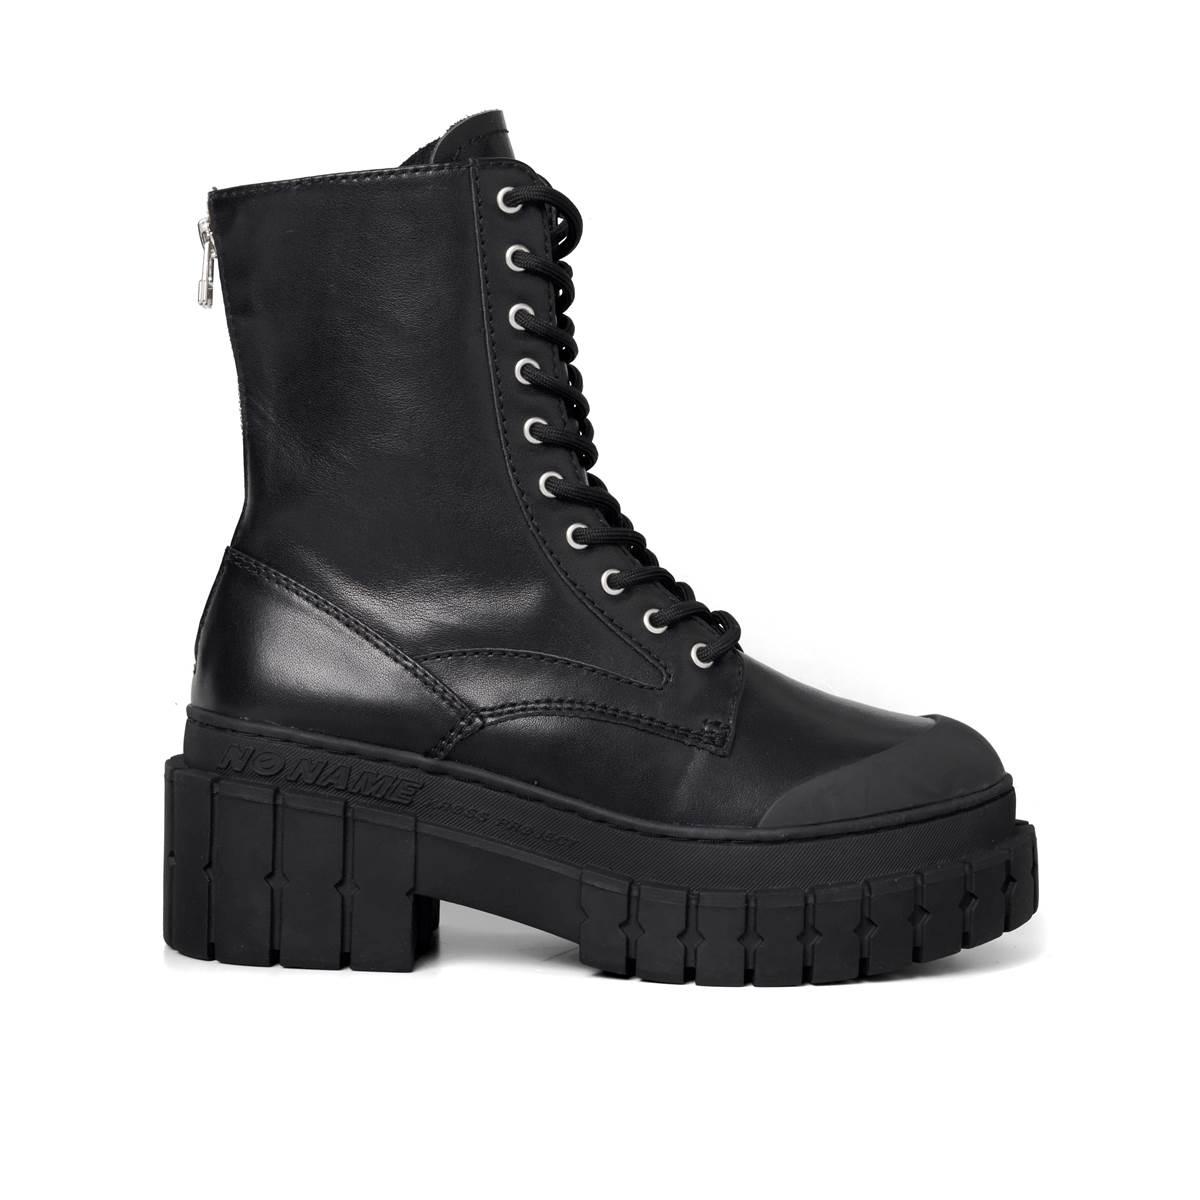 [新入荷] [2021秋冬] KROSS-12786-BLACK クロス ブラック